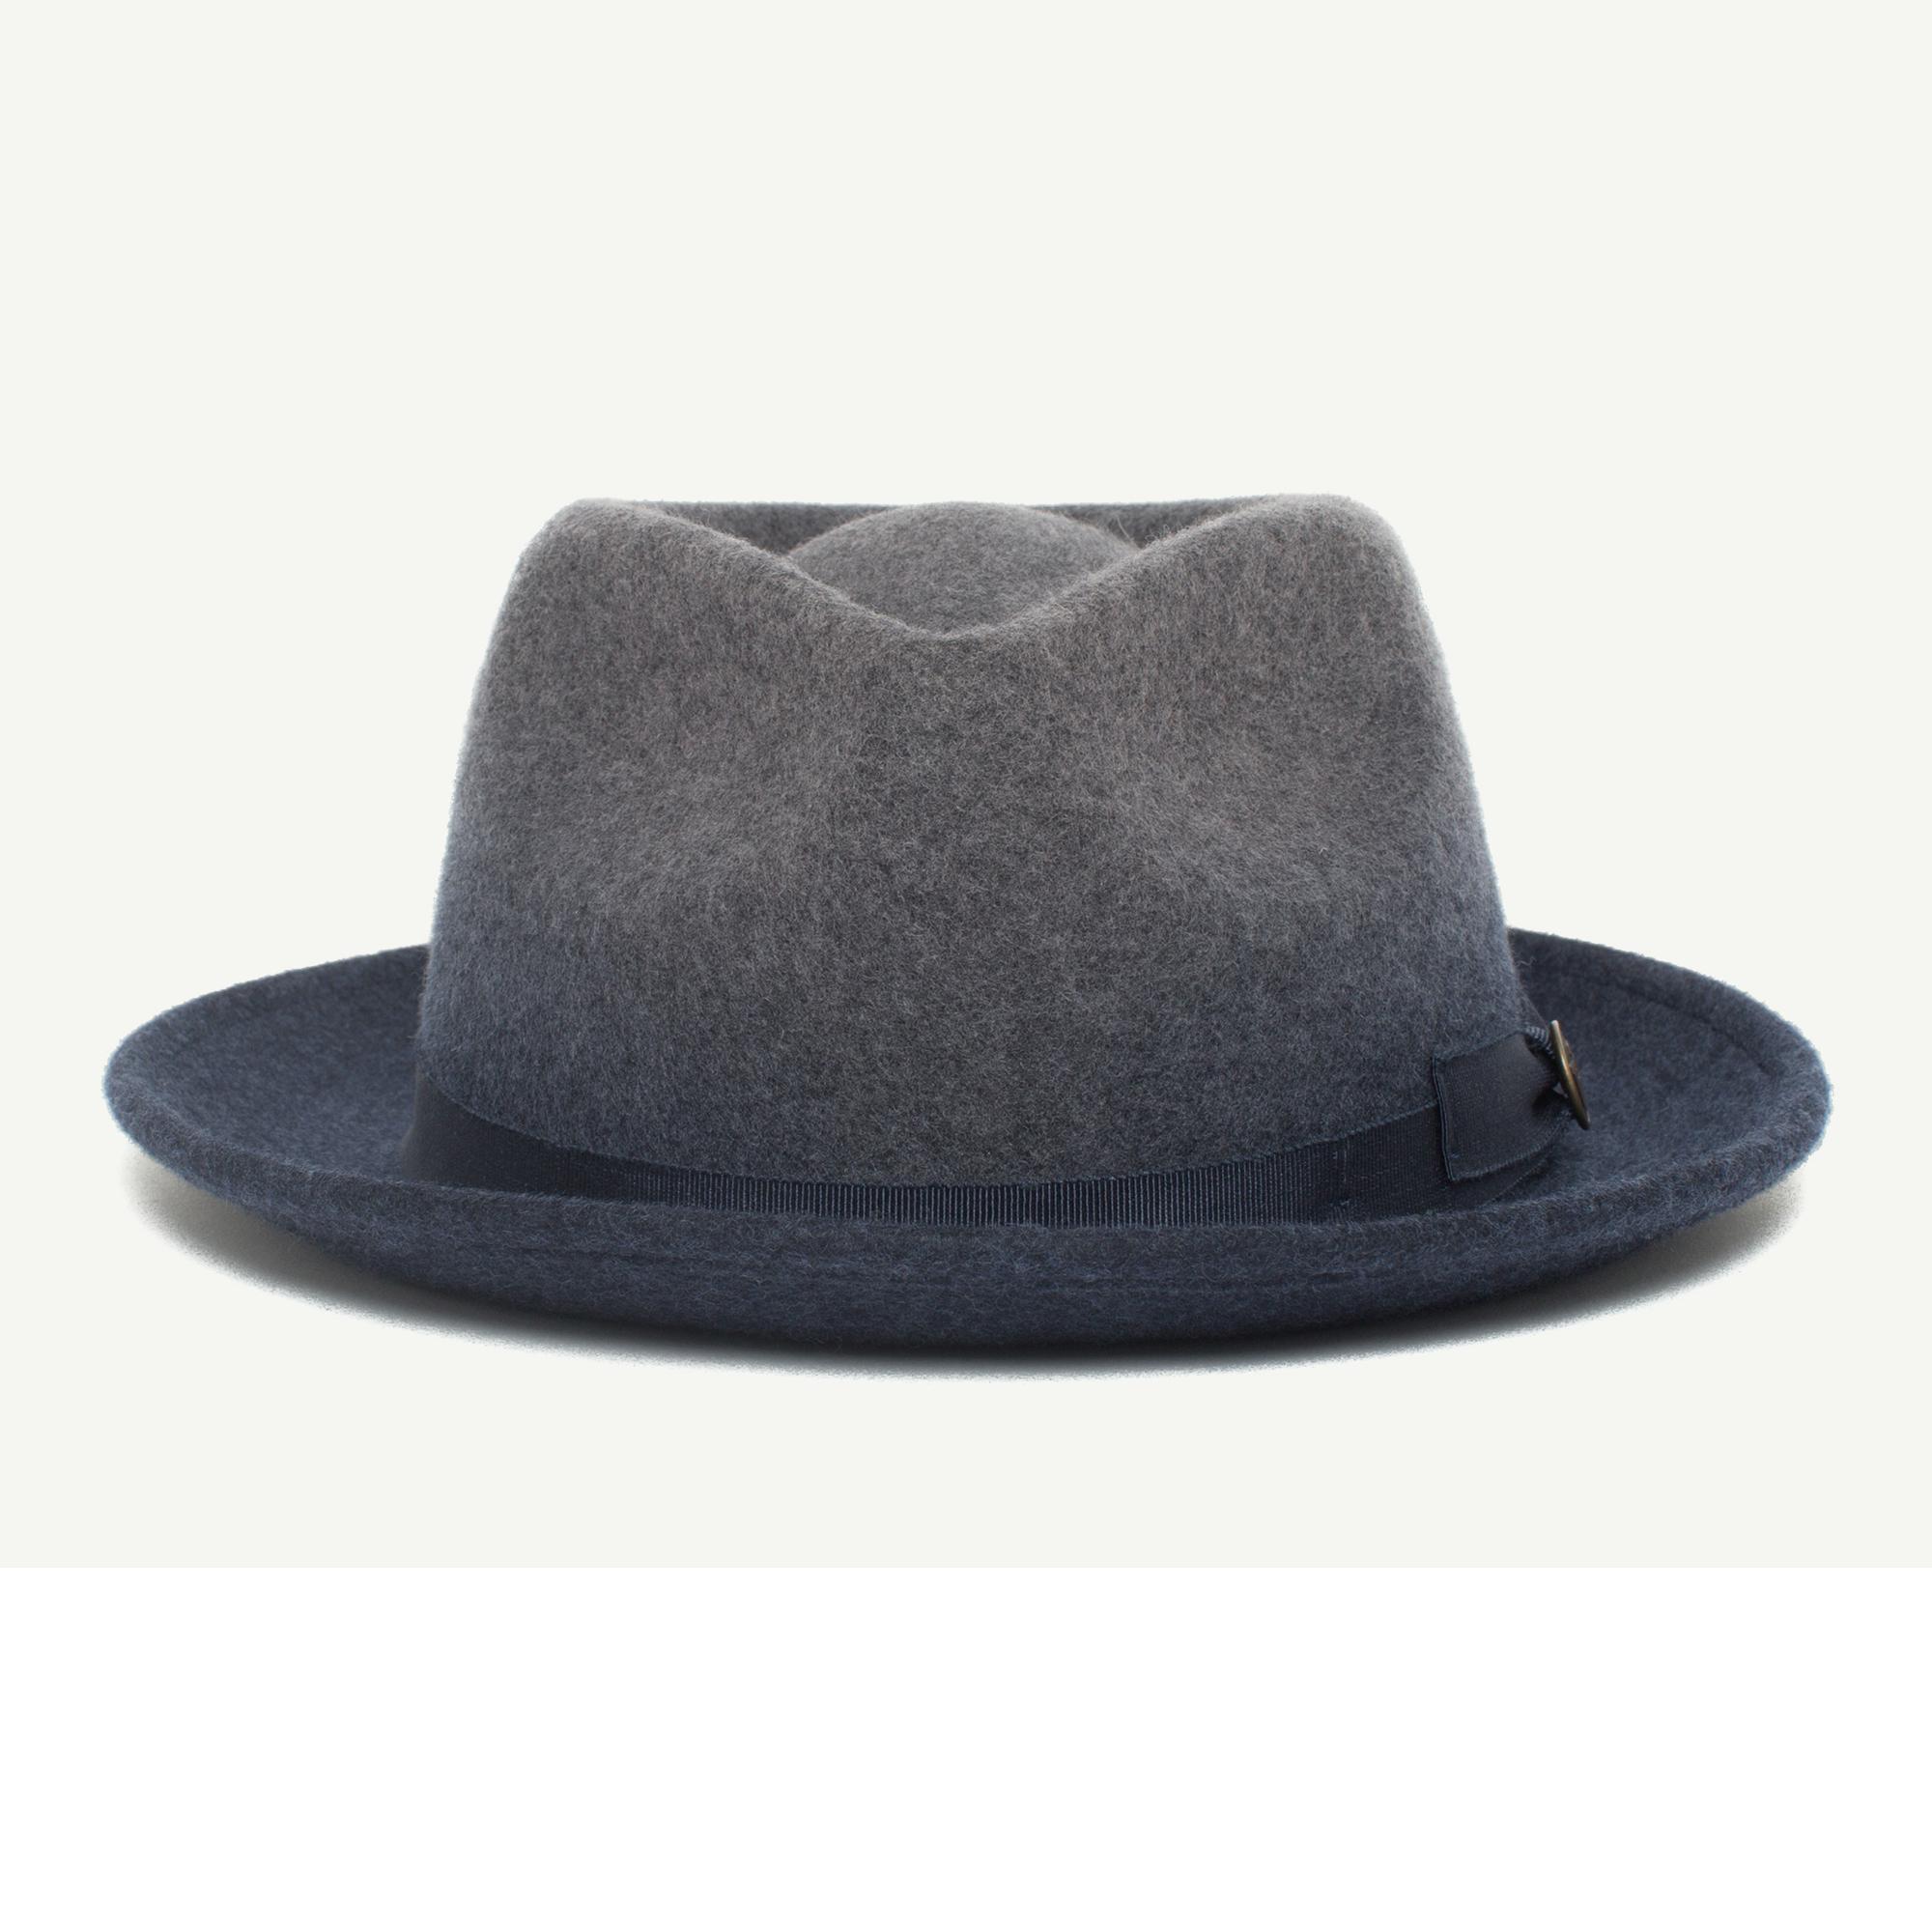 36927dd2797b3 Late Night Felt Fedora Hat